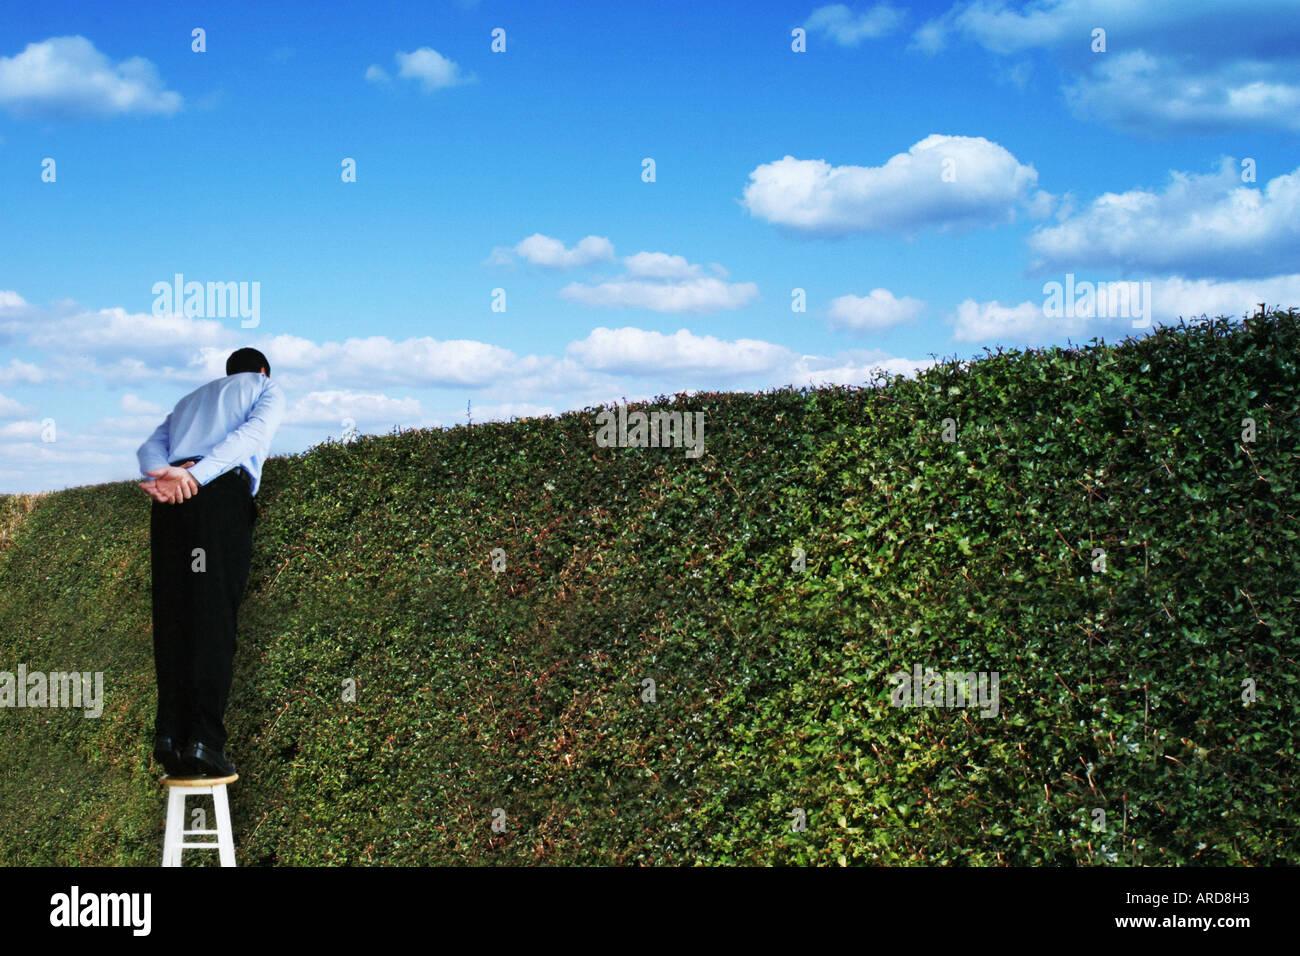 El hombre estaba sobre un taburete mirando a través de una cobertura alta Imagen De Stock